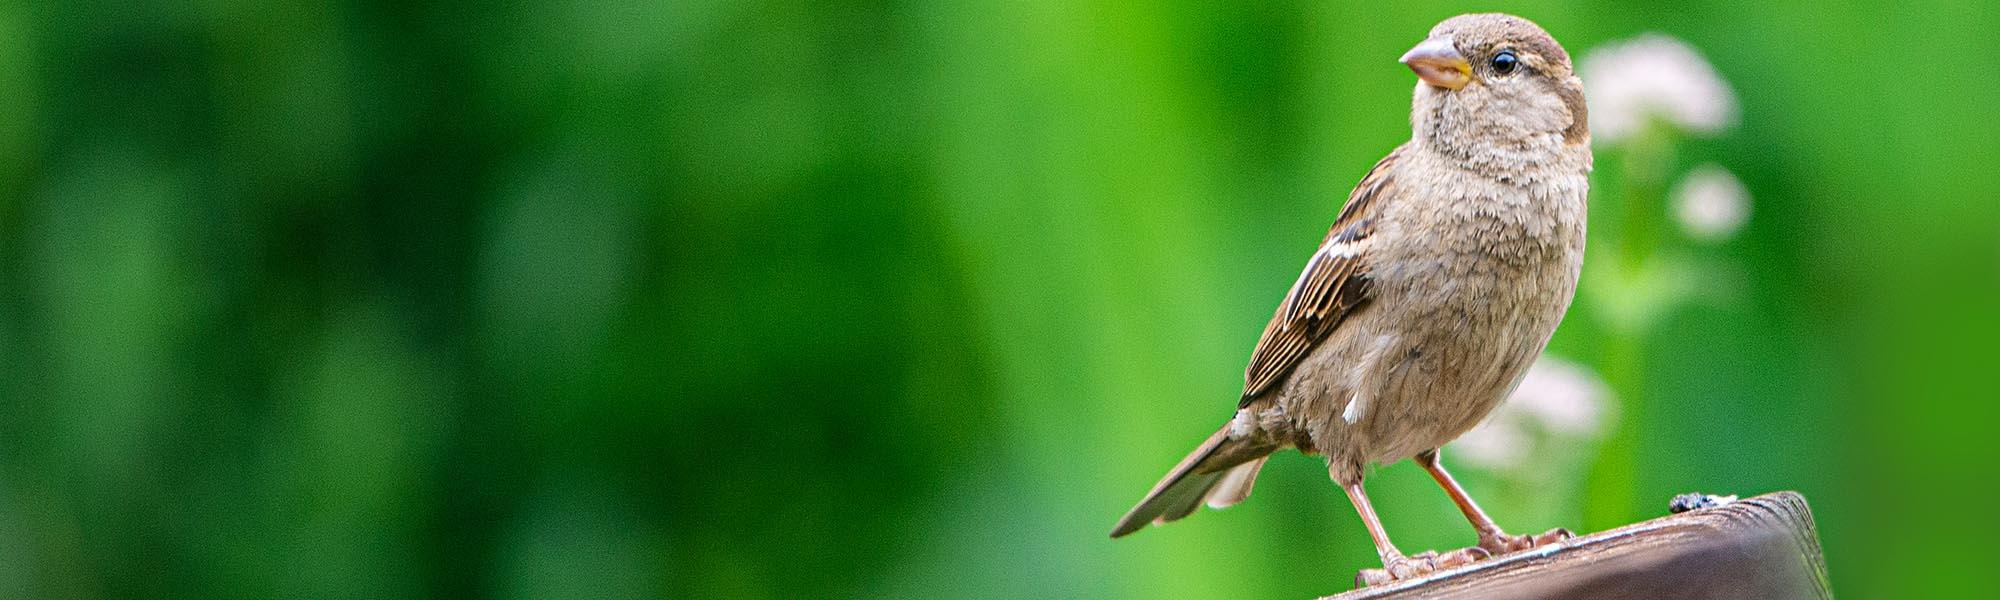 Nistkästen für Singvögel